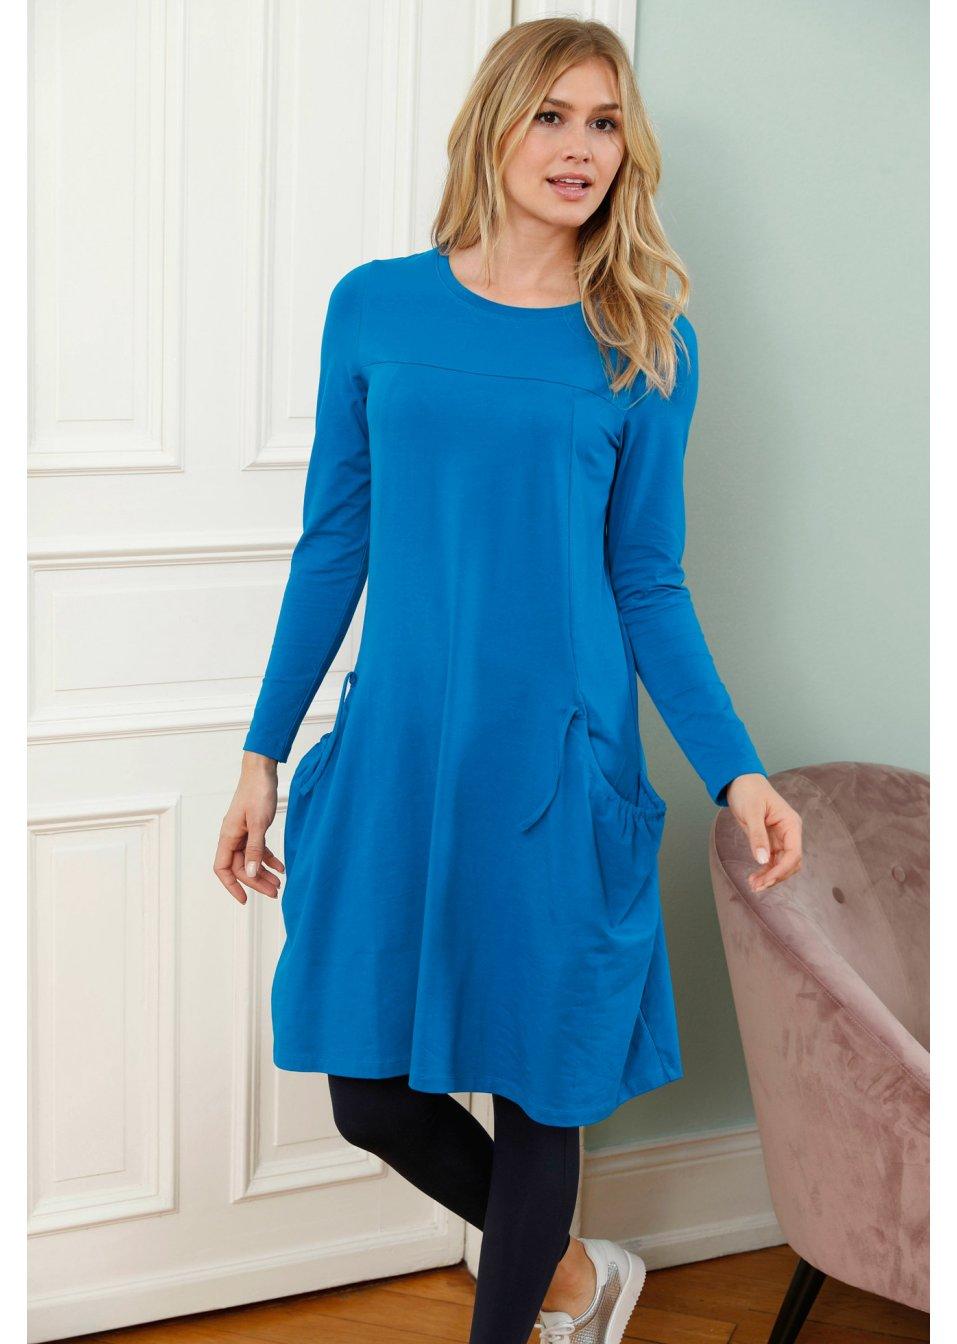 Trendaktuelle kurze Kleider im Online-Shop kaufen  bonprix